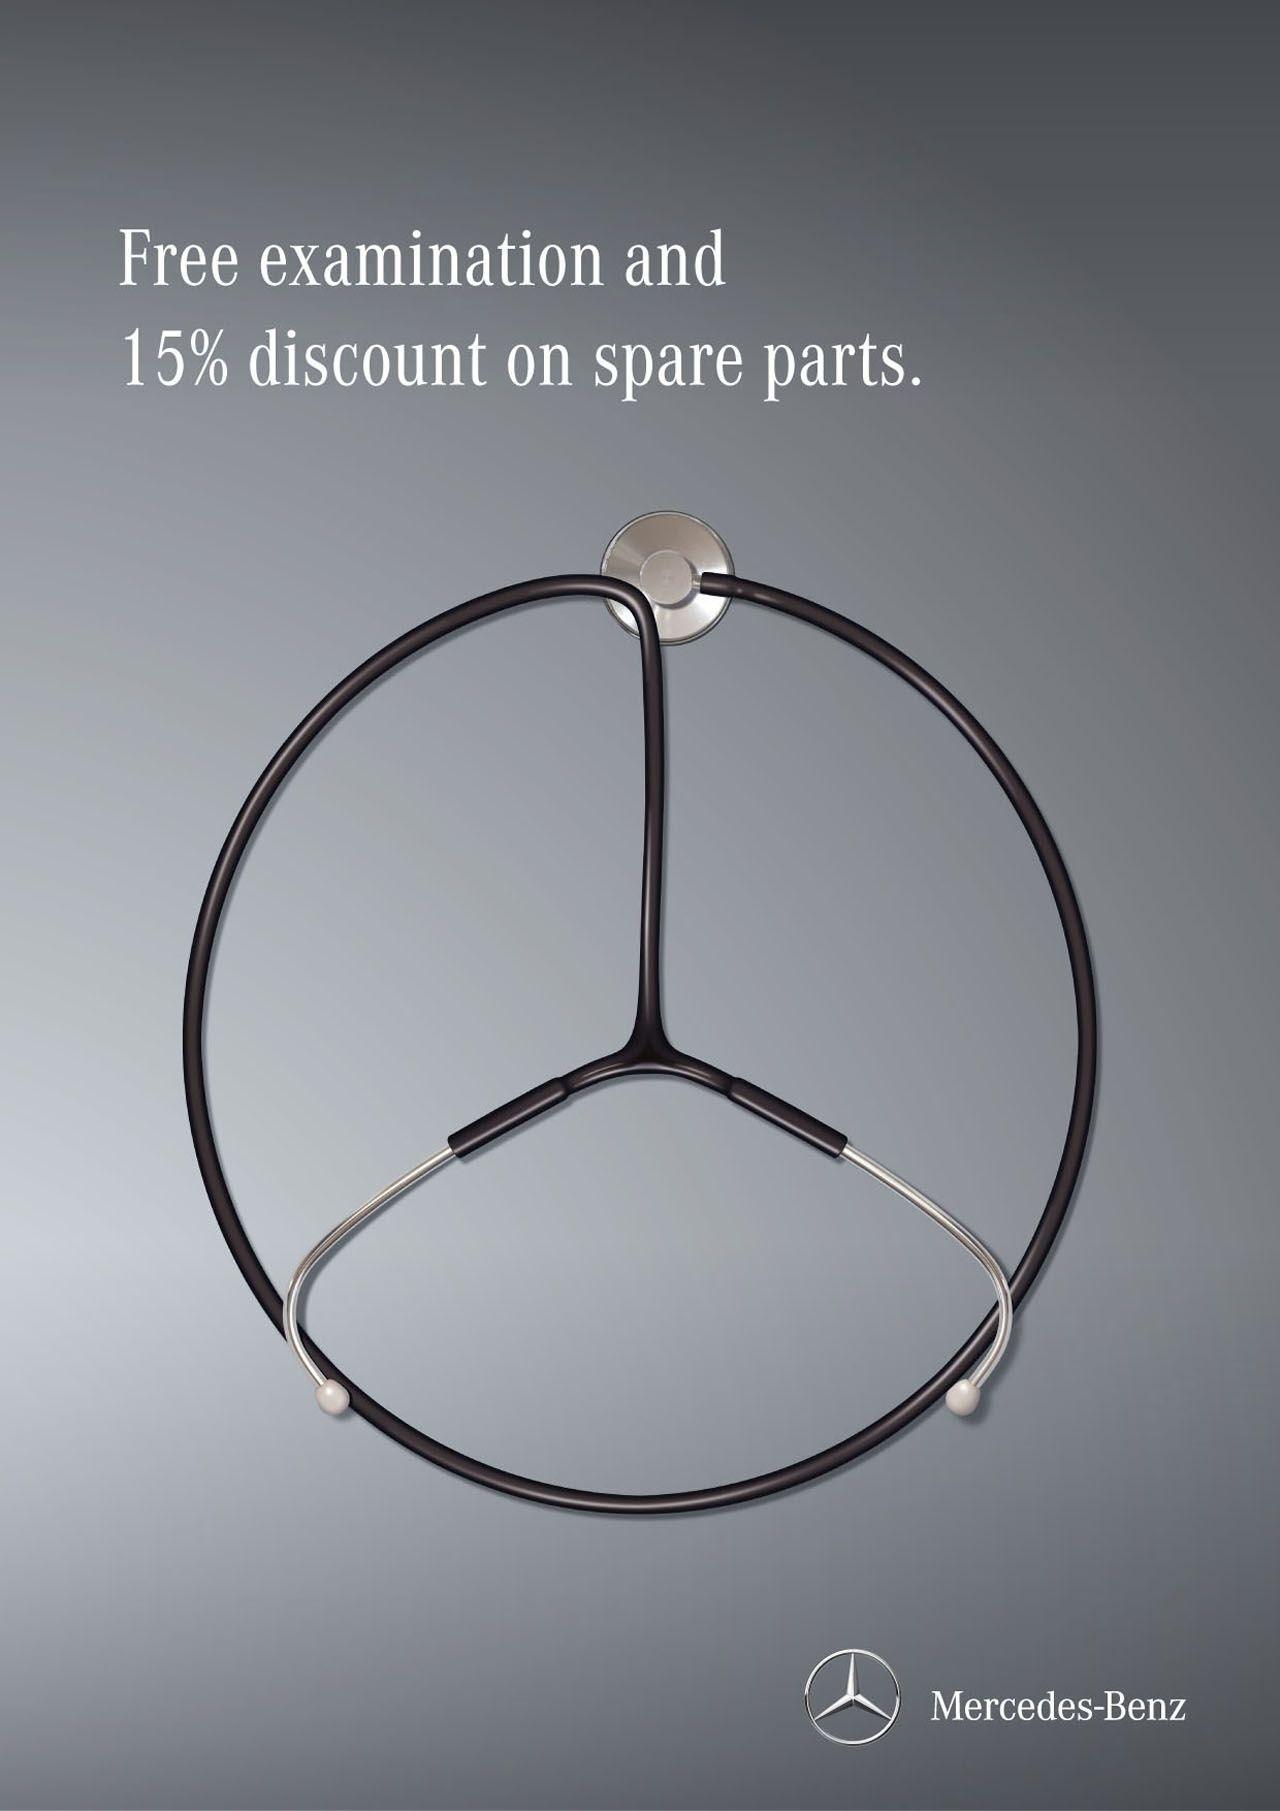 Adv mercedes benz commercials pinterest mercedes for Mercedes benz service parts